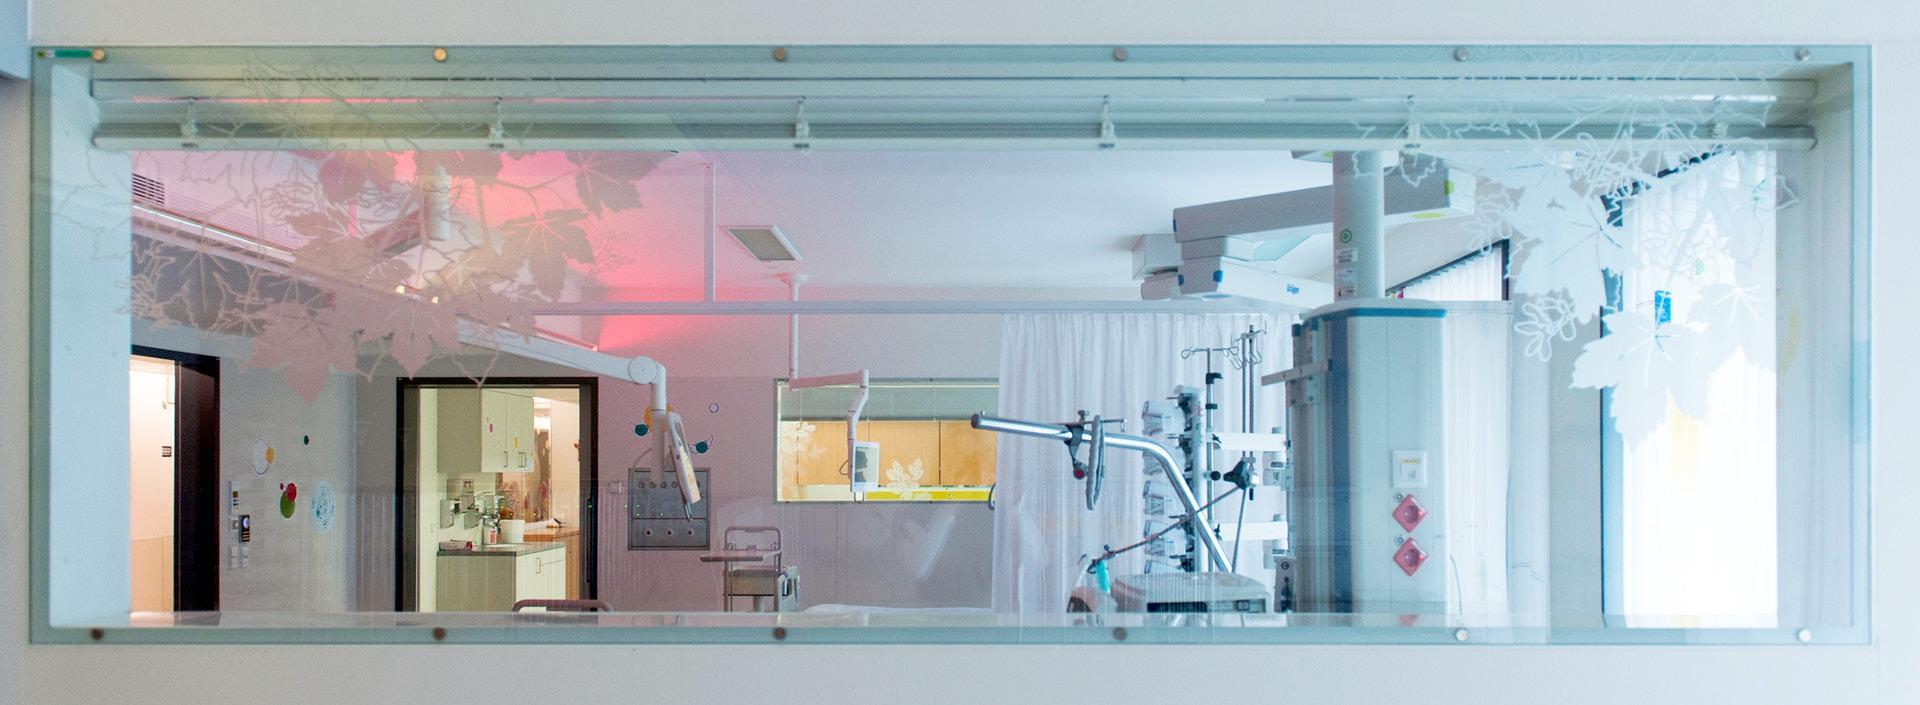 Raumgestaltung für das LKH Leoben von der Werbeagentur look! design